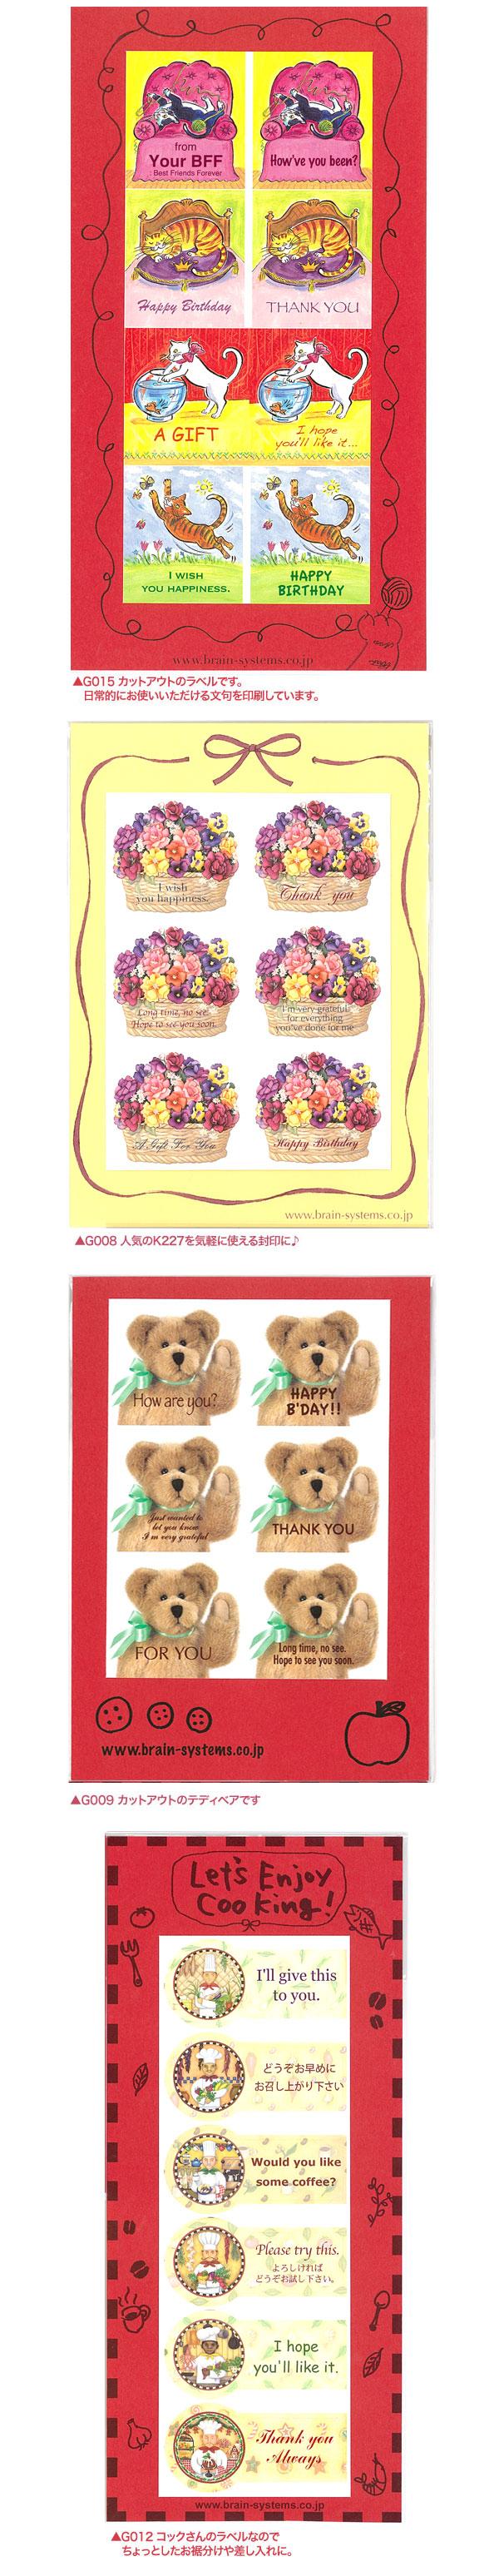 210円です!_d0225198_18144065.jpg